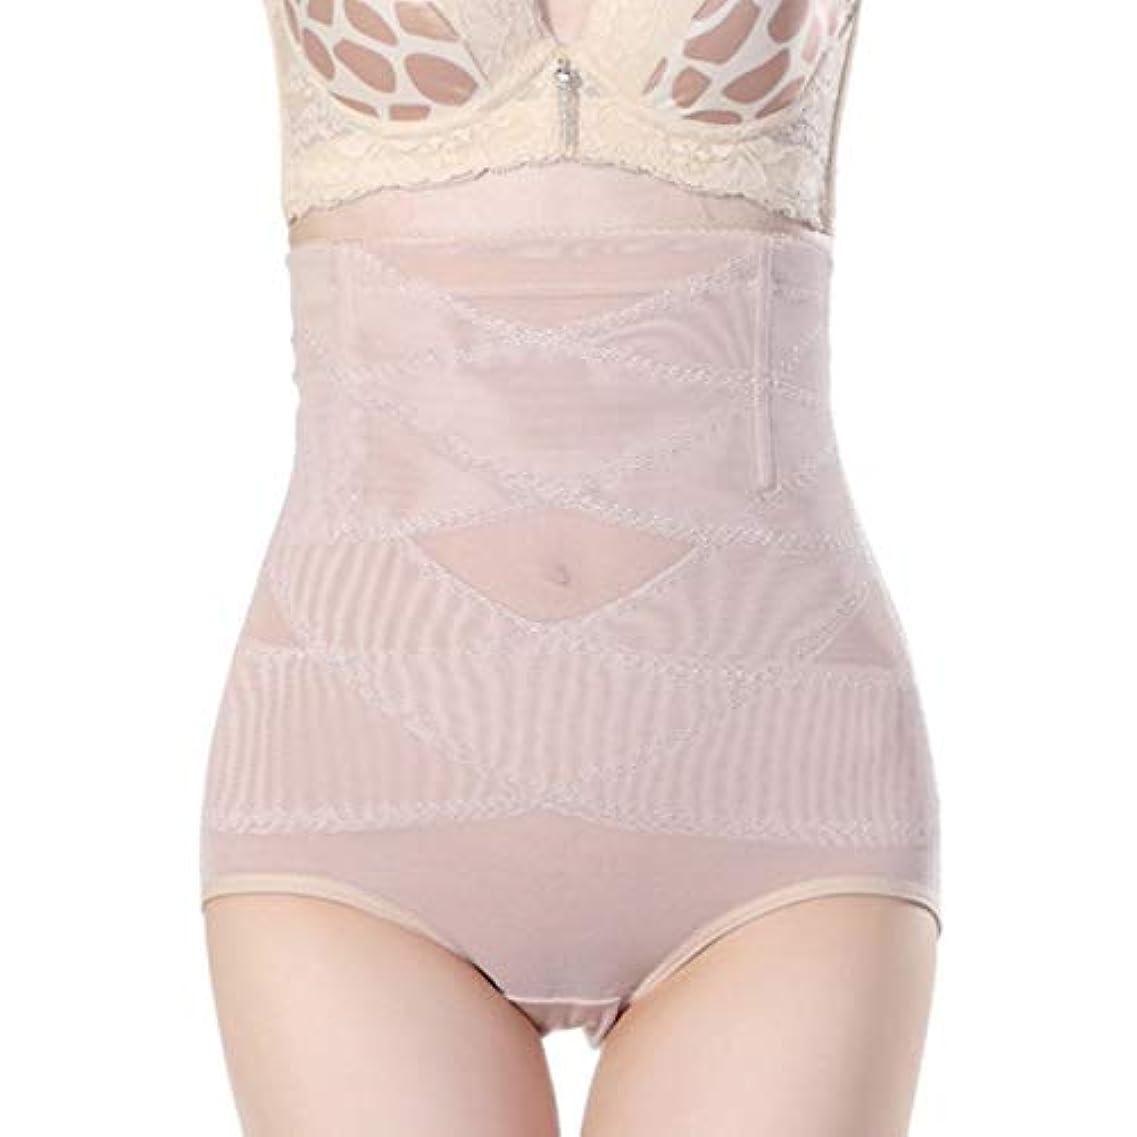 逮捕単位味方腹部制御下着シームレスおなかコントロールパンティーバットリフターボディシェイパーを痩身通気性のハイウエストの女性 - 肌色2 XL